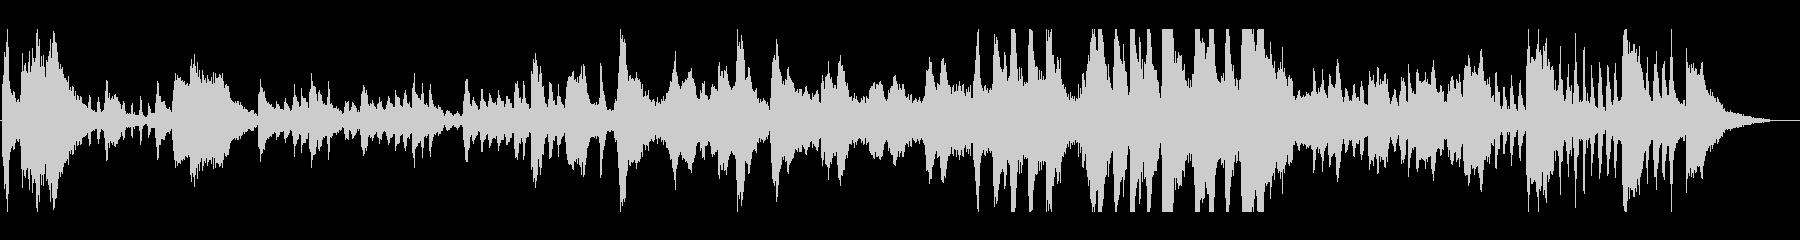 バロッコスタイルの子供たちの音楽。...の未再生の波形